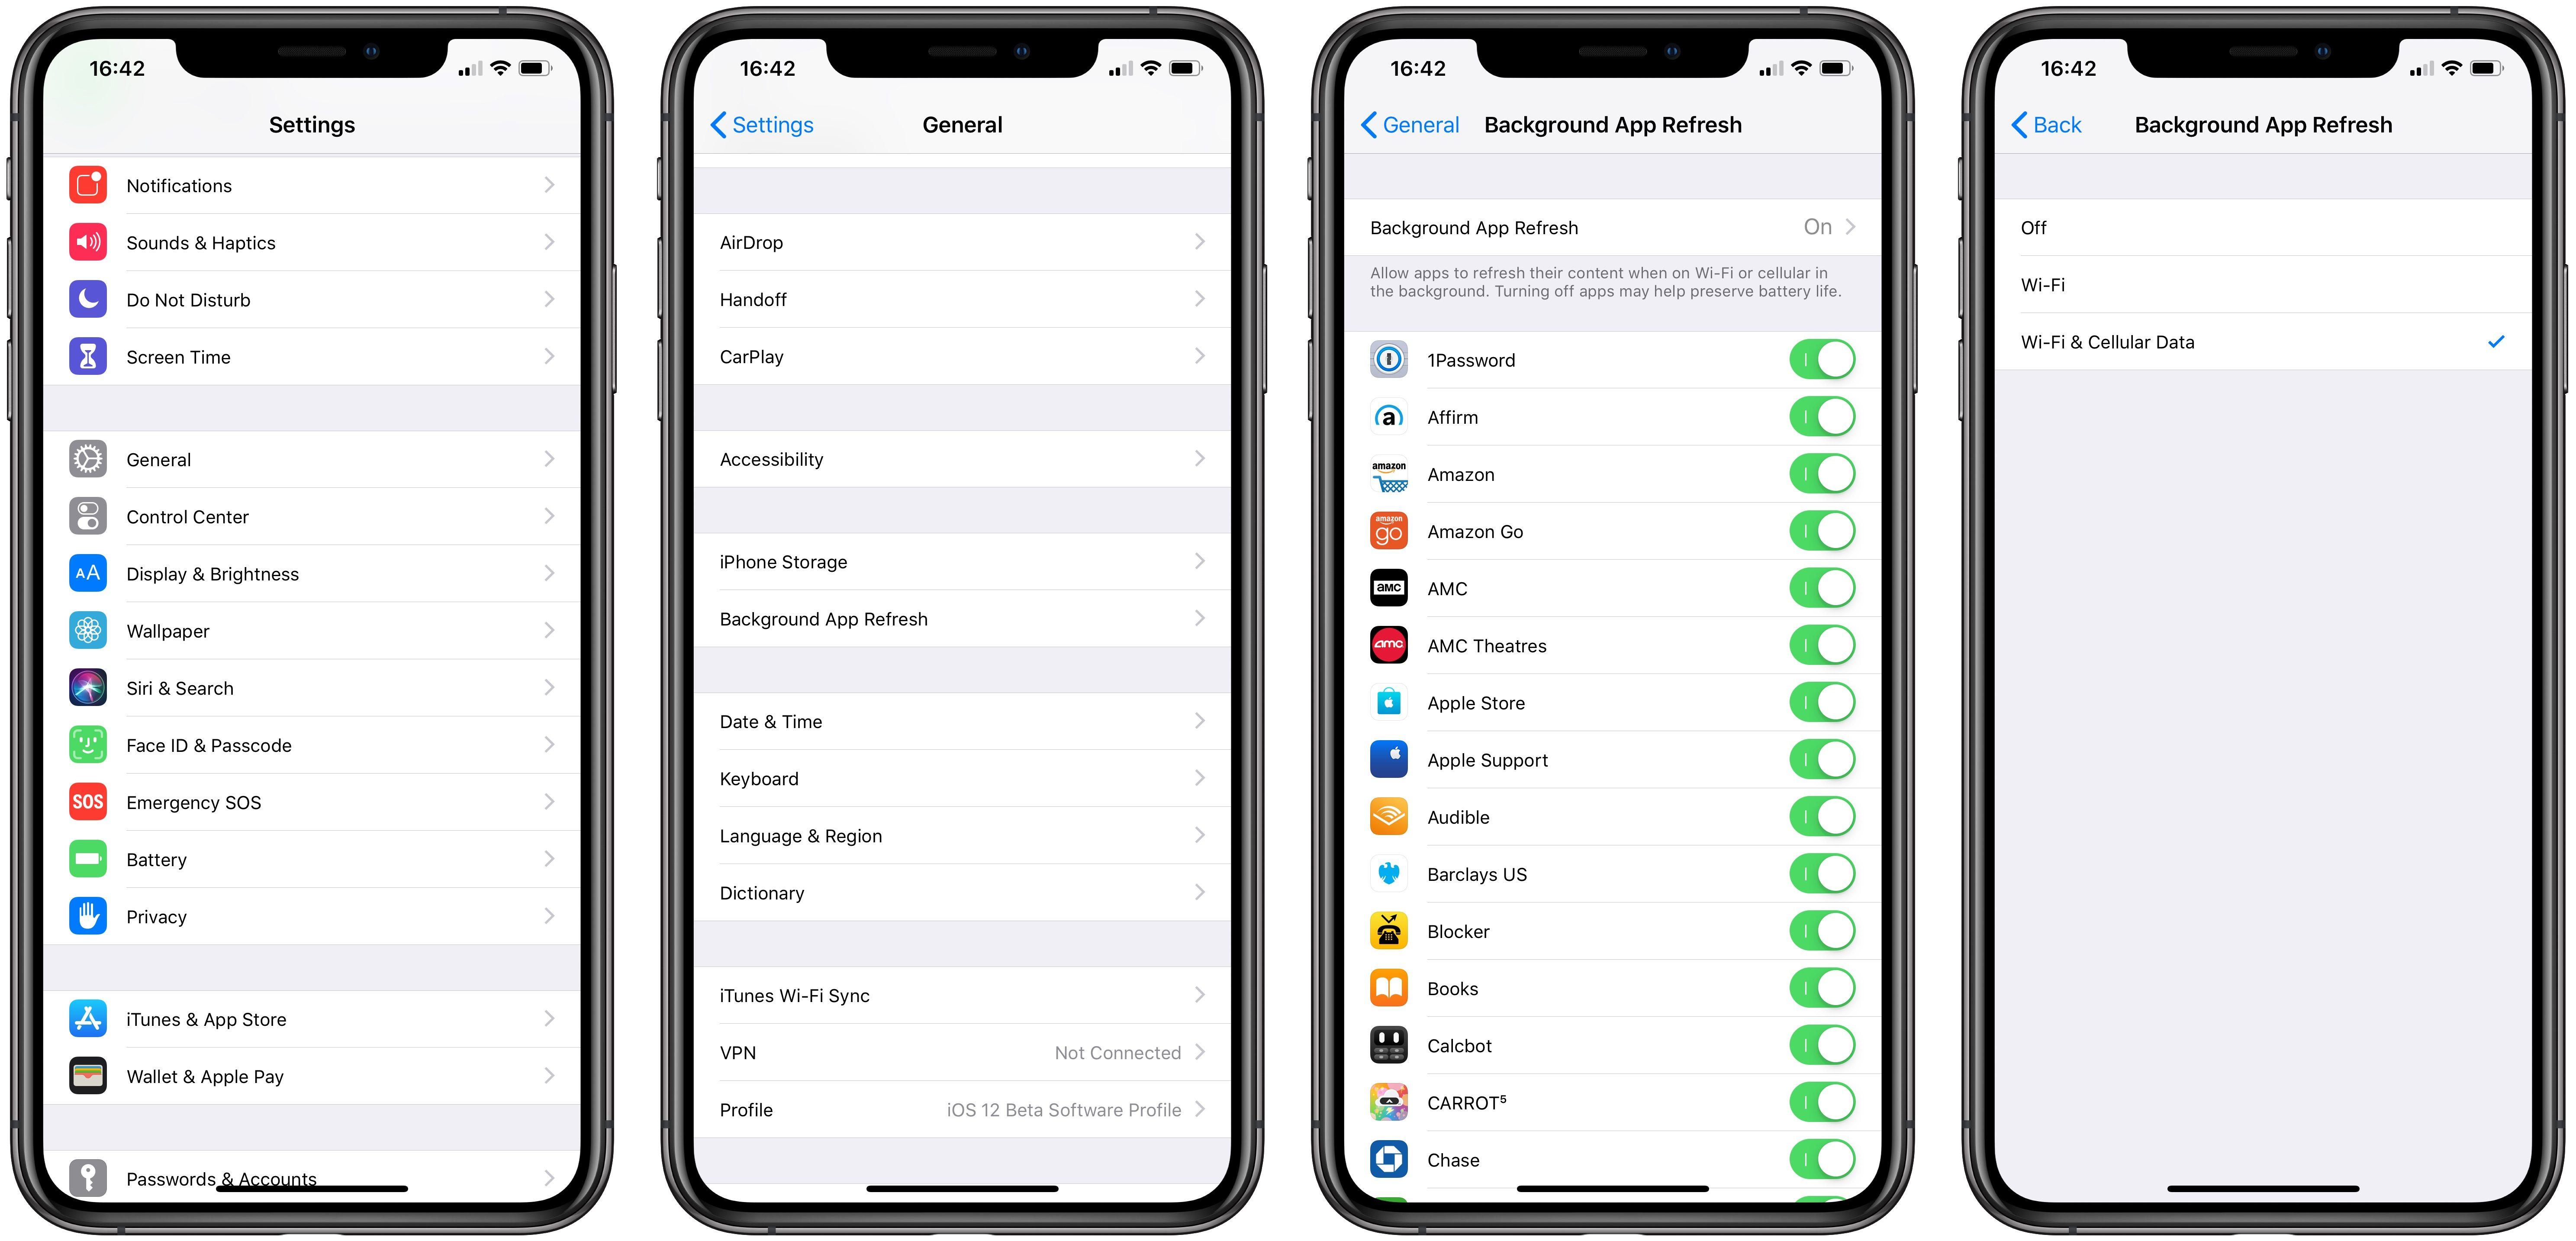 """<span href=""""https://9to5mac.com/2018/12/12/turn-off-background-app-refresh-on-iphone-and-ipad/"""">Cómo desactivar el fondo de la aplicación de actualización en el iPhone y el iPad</a>"""